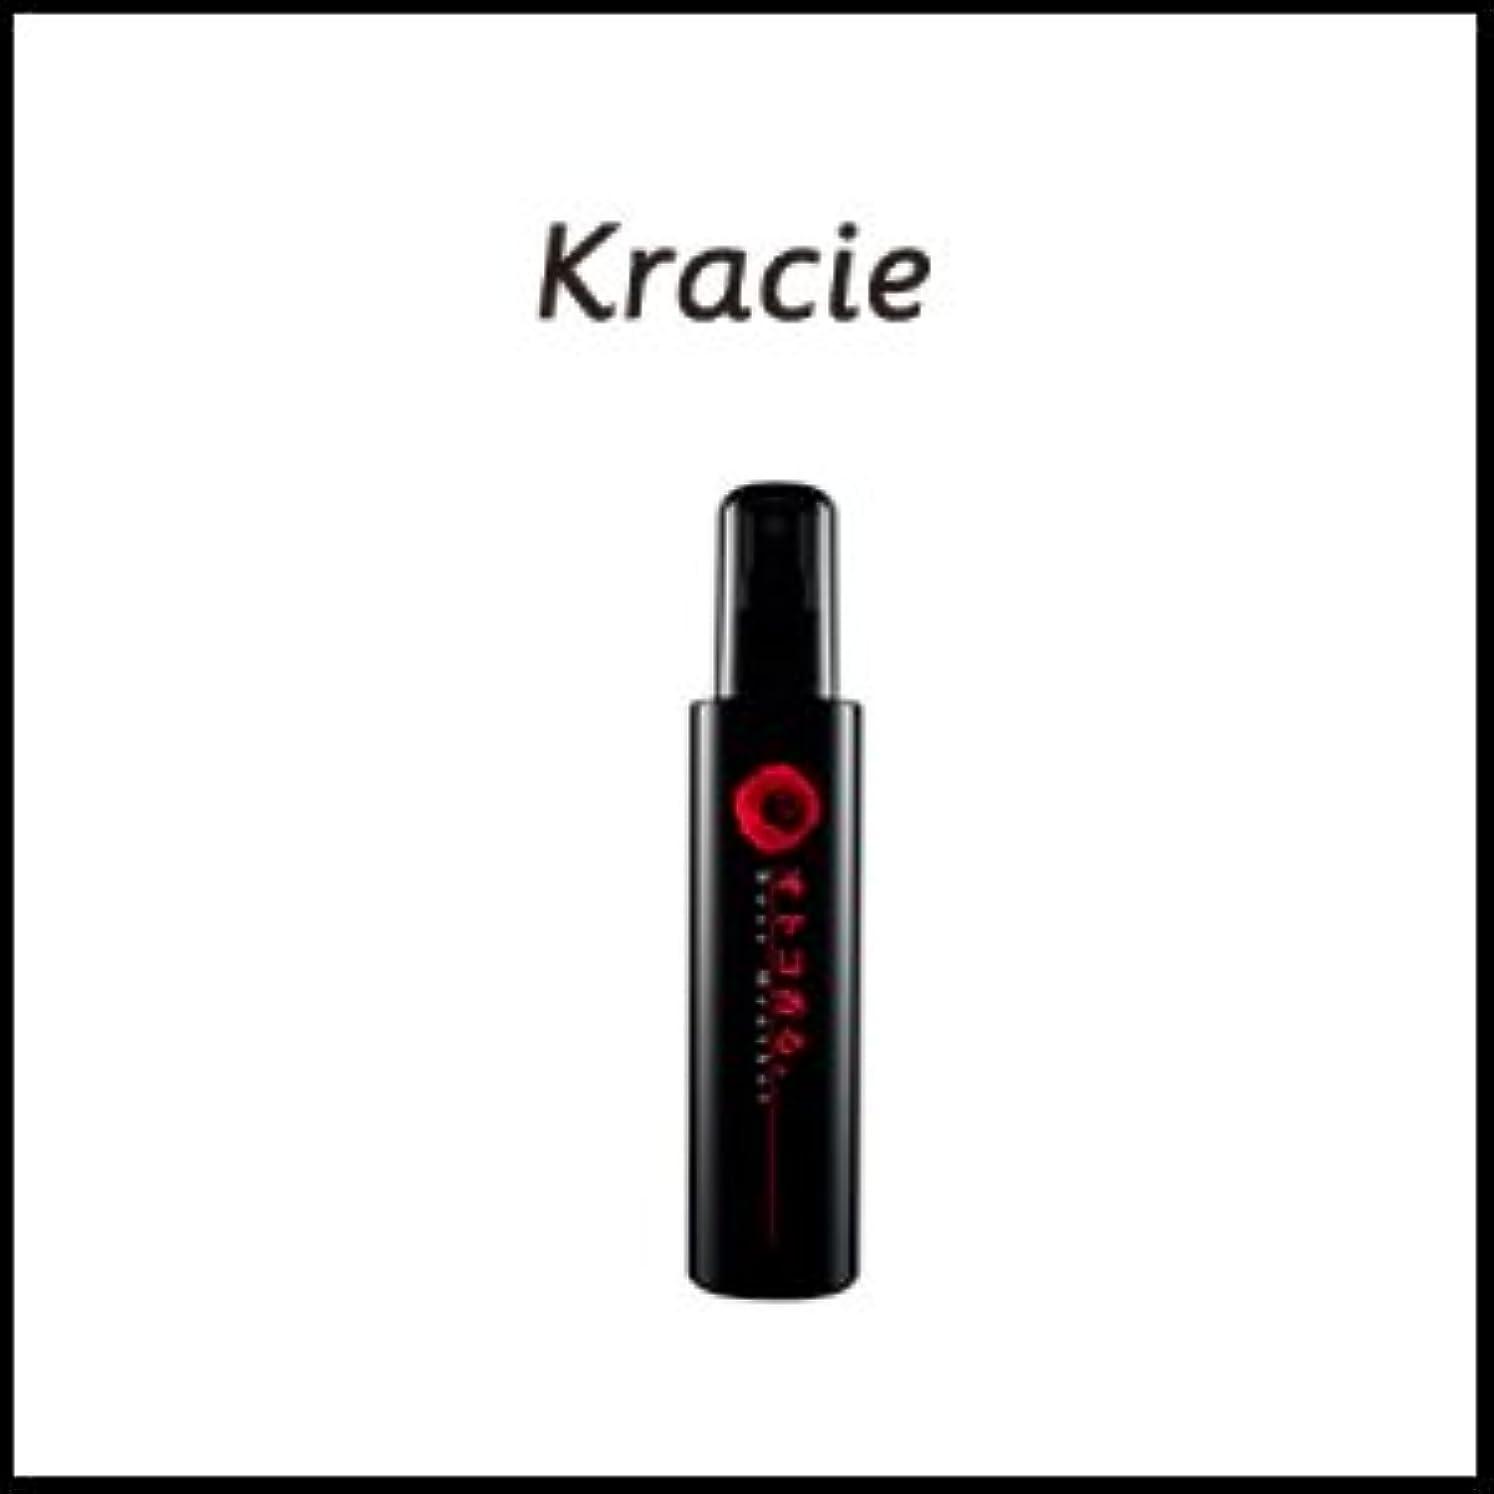 不安定な蒸調整【X2個セット】 クラシエ オトコ香る トニック(レッドローズ) 150ml 容器入り